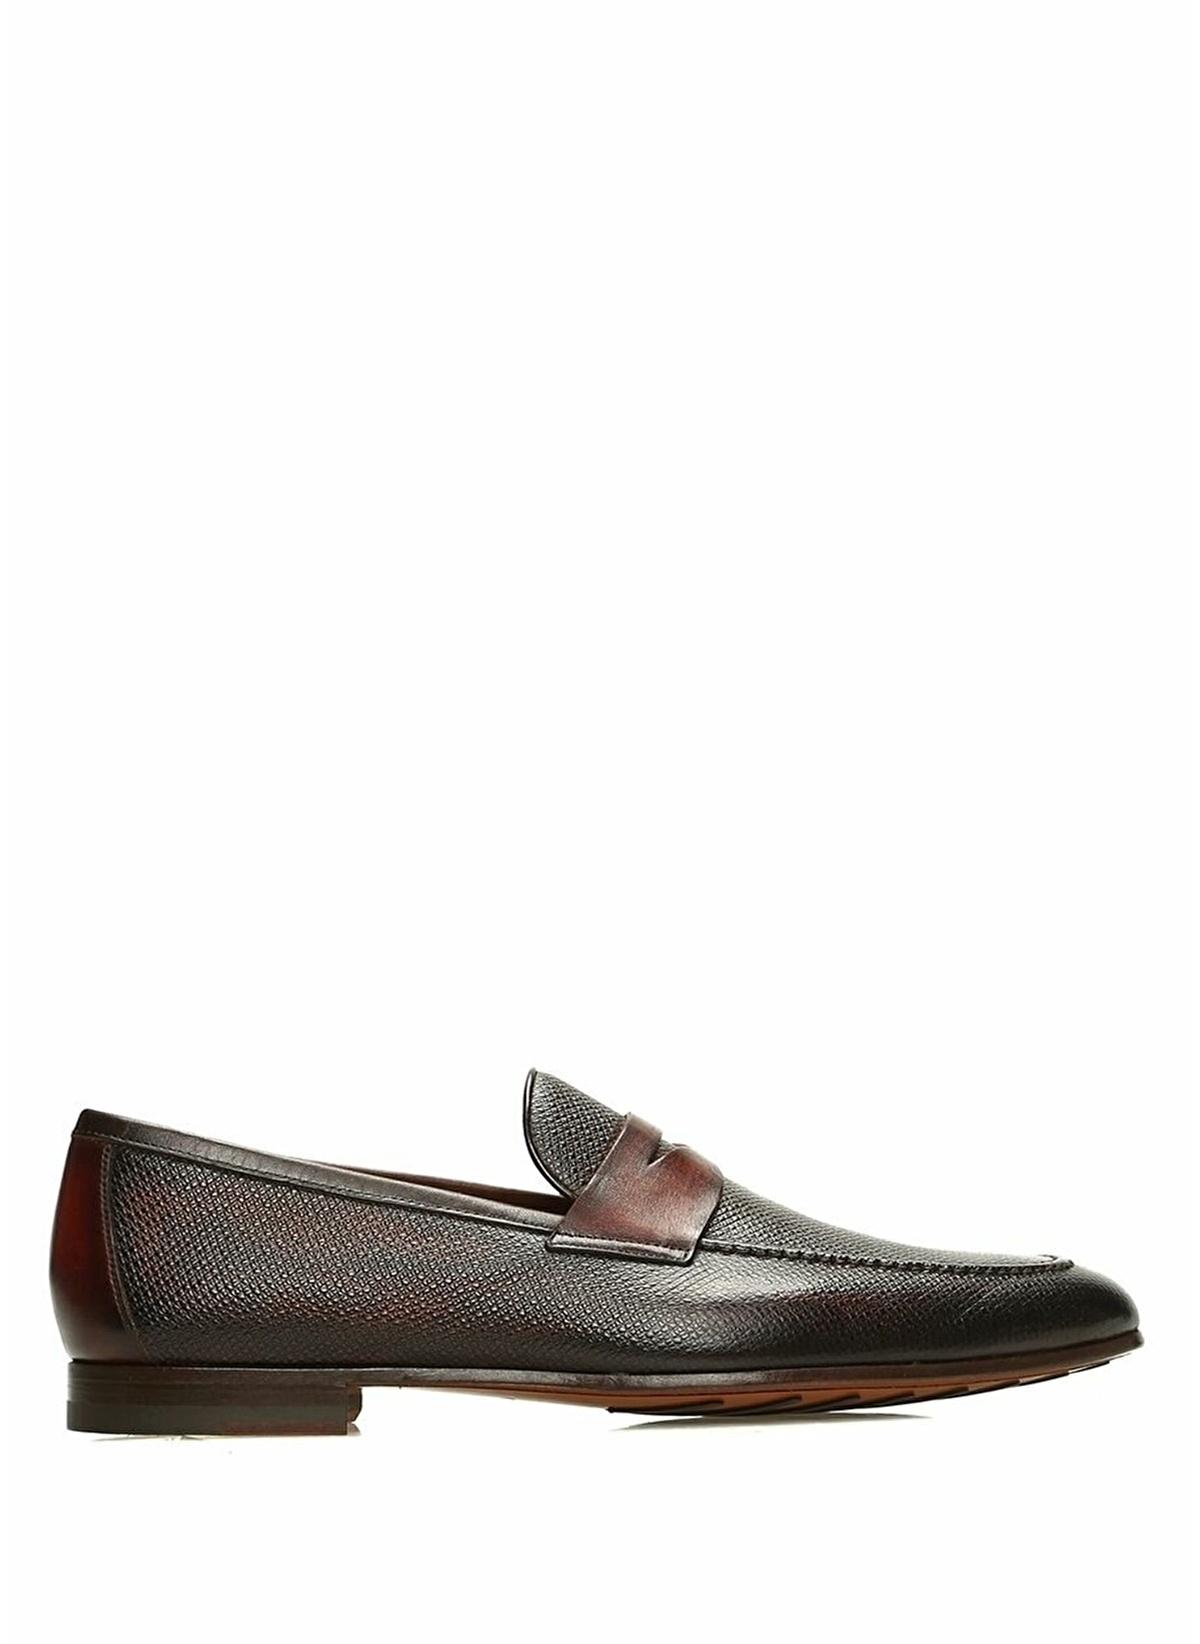 Magnanni Ayakkabı 101321602 E Loafer – 879.0 TL